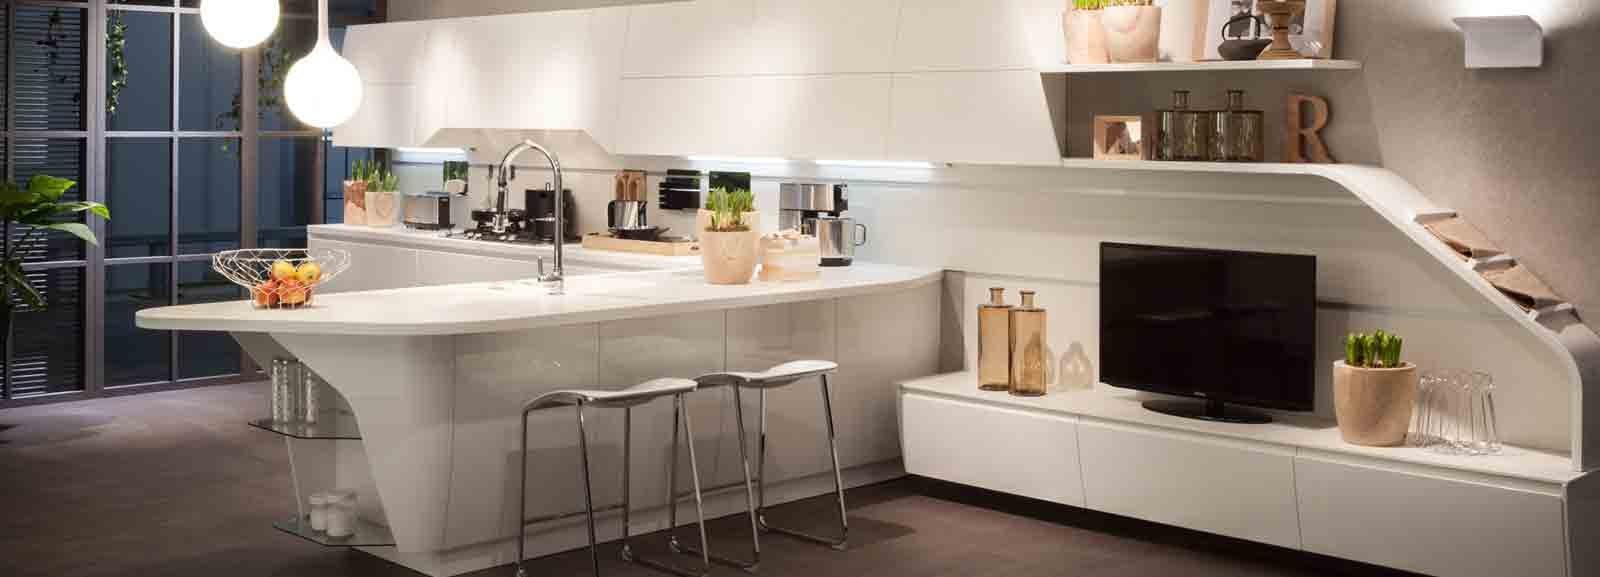 cucina e soggiorno openspace funzioni divise o spiccata. Black Bedroom Furniture Sets. Home Design Ideas